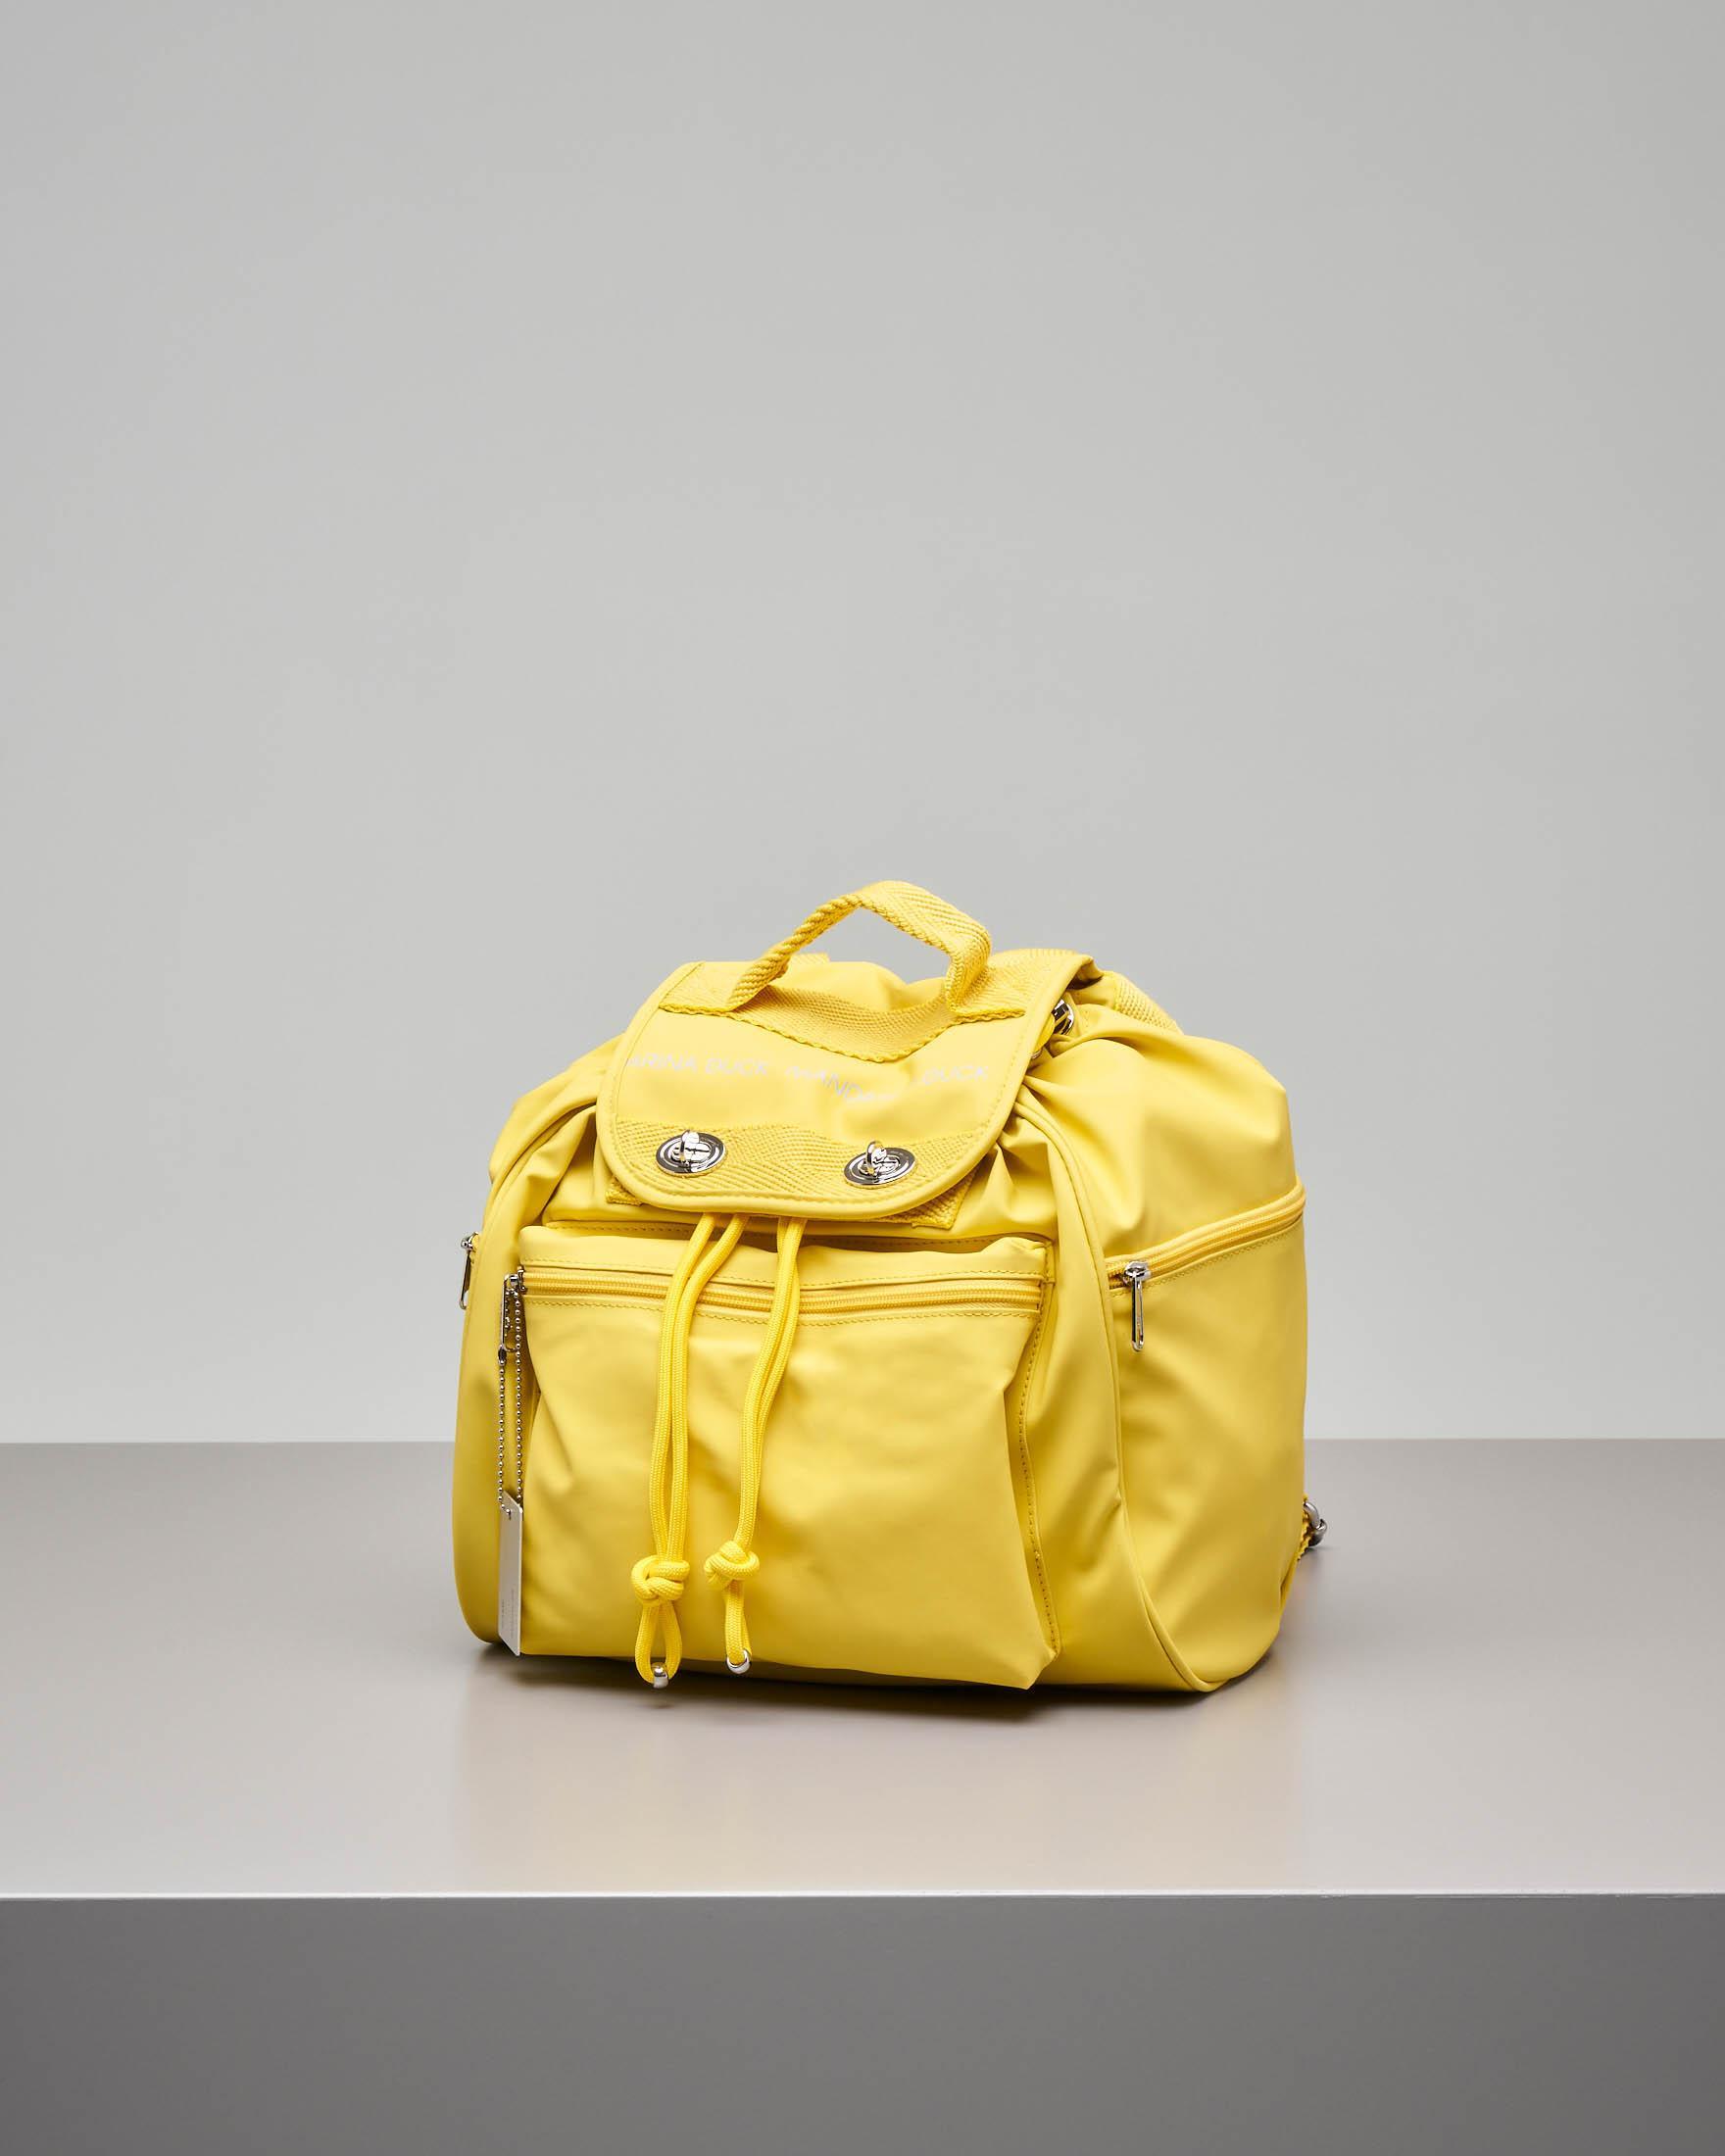 Zaino modello Utility giallo in ecopelle con patta e scritta logo e tasche con zip